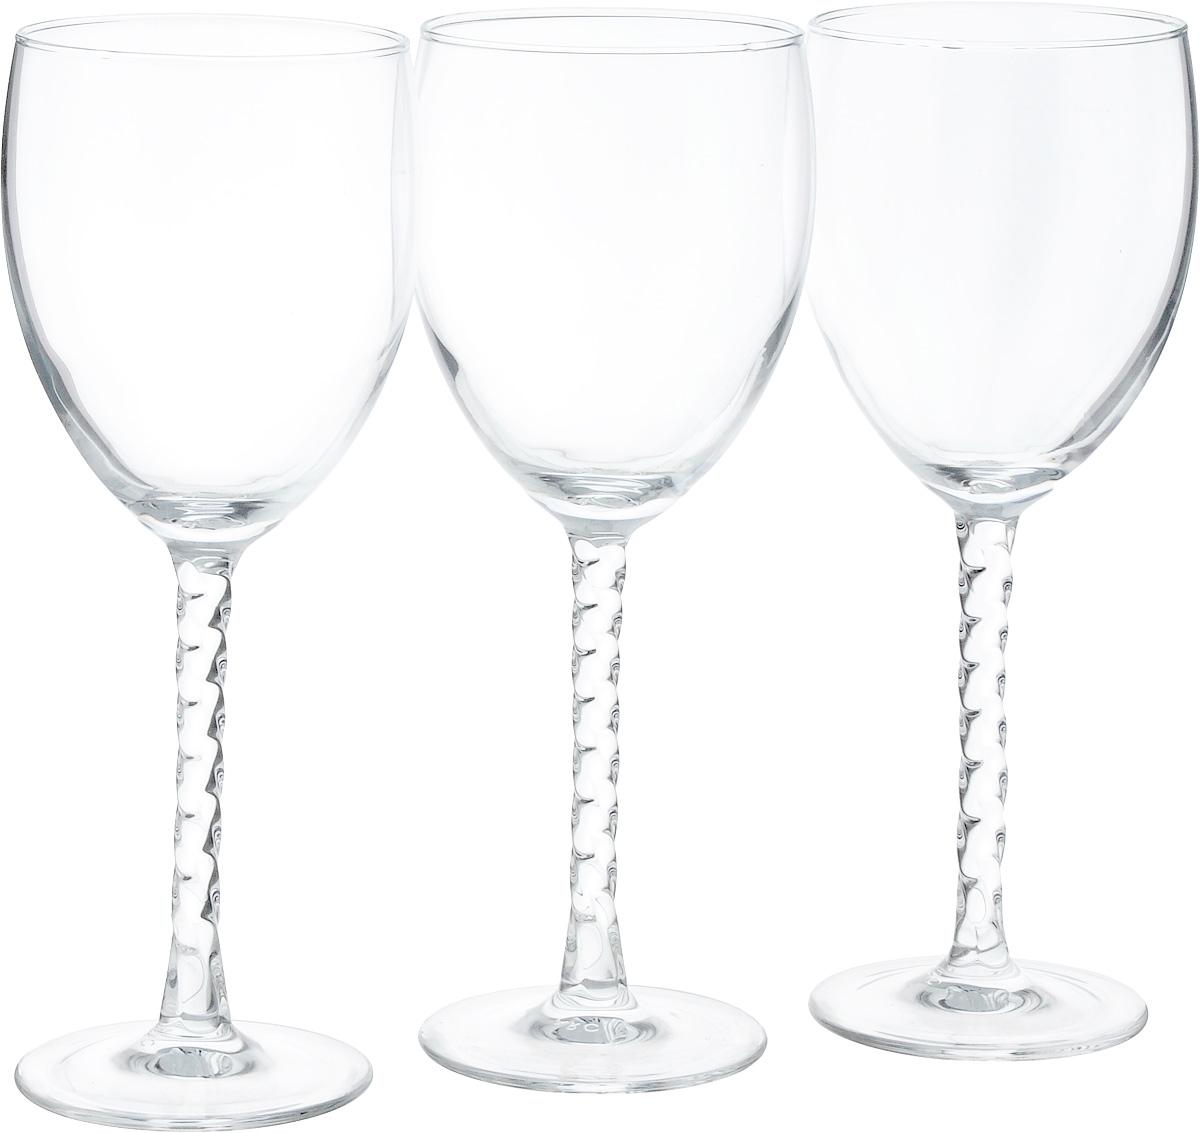 Набор бокалов Luminarc Authentic, 310 мл, 3 штVT-1520(SR)Набор Luminarc Authentic состоит из трех бокалов, выполненных из прочного стекла. Изделия оснащены высокими рельефными ножками и предназначены для подачи вина. Такой набор прекрасно оформит праздничный стол и создаст приятную атмосферу за романтическим ужином. Можно мыть в посудомоечной машине.Диаметр бокала (по верхнему краю): 7,3 см. Высота бокала: 20,3 см.